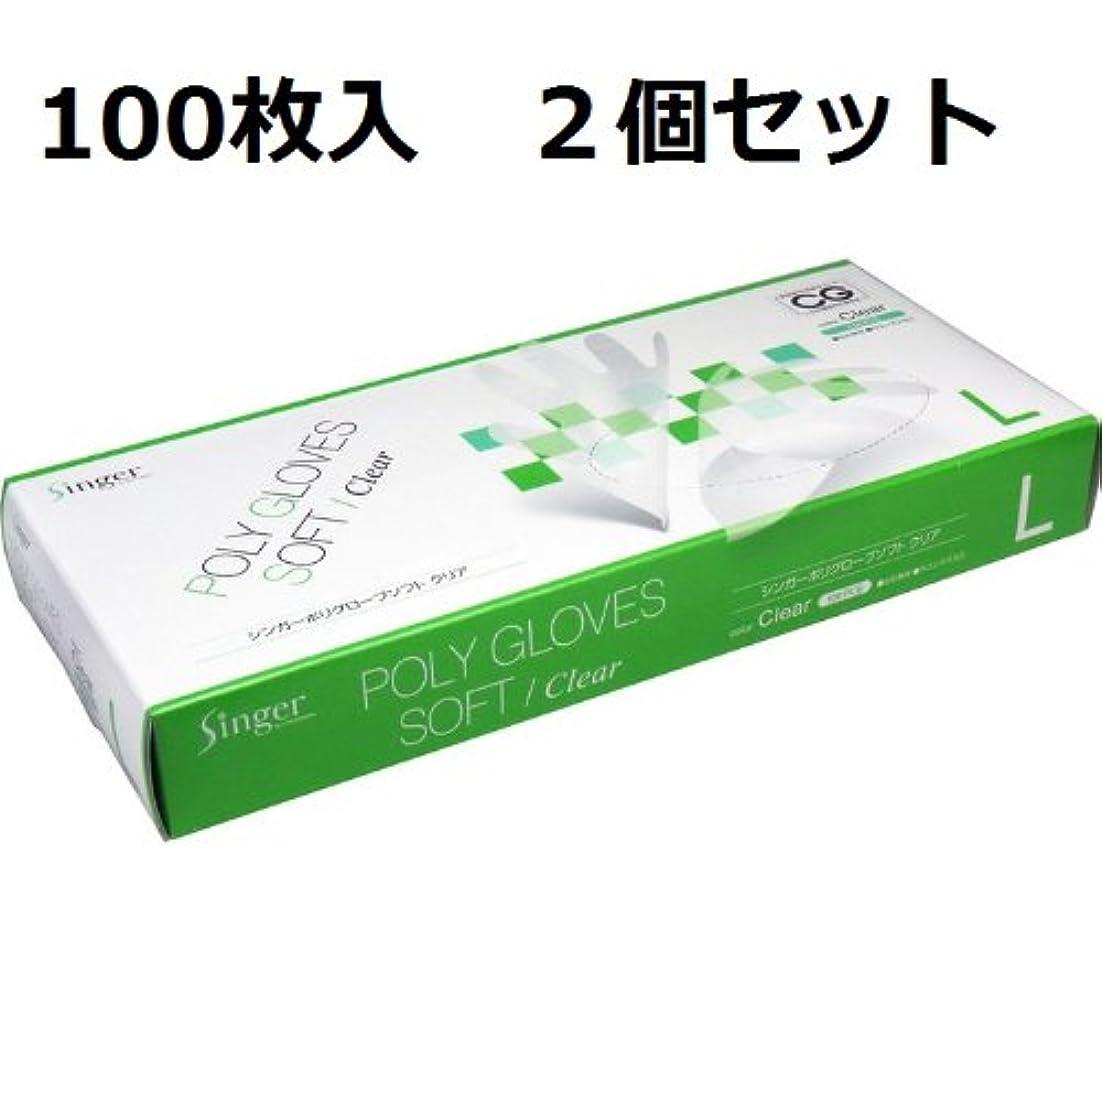 リーミント有能な食品衛生法適合商品 100枚入 ポリ手袋 Lサイズ 2個セット